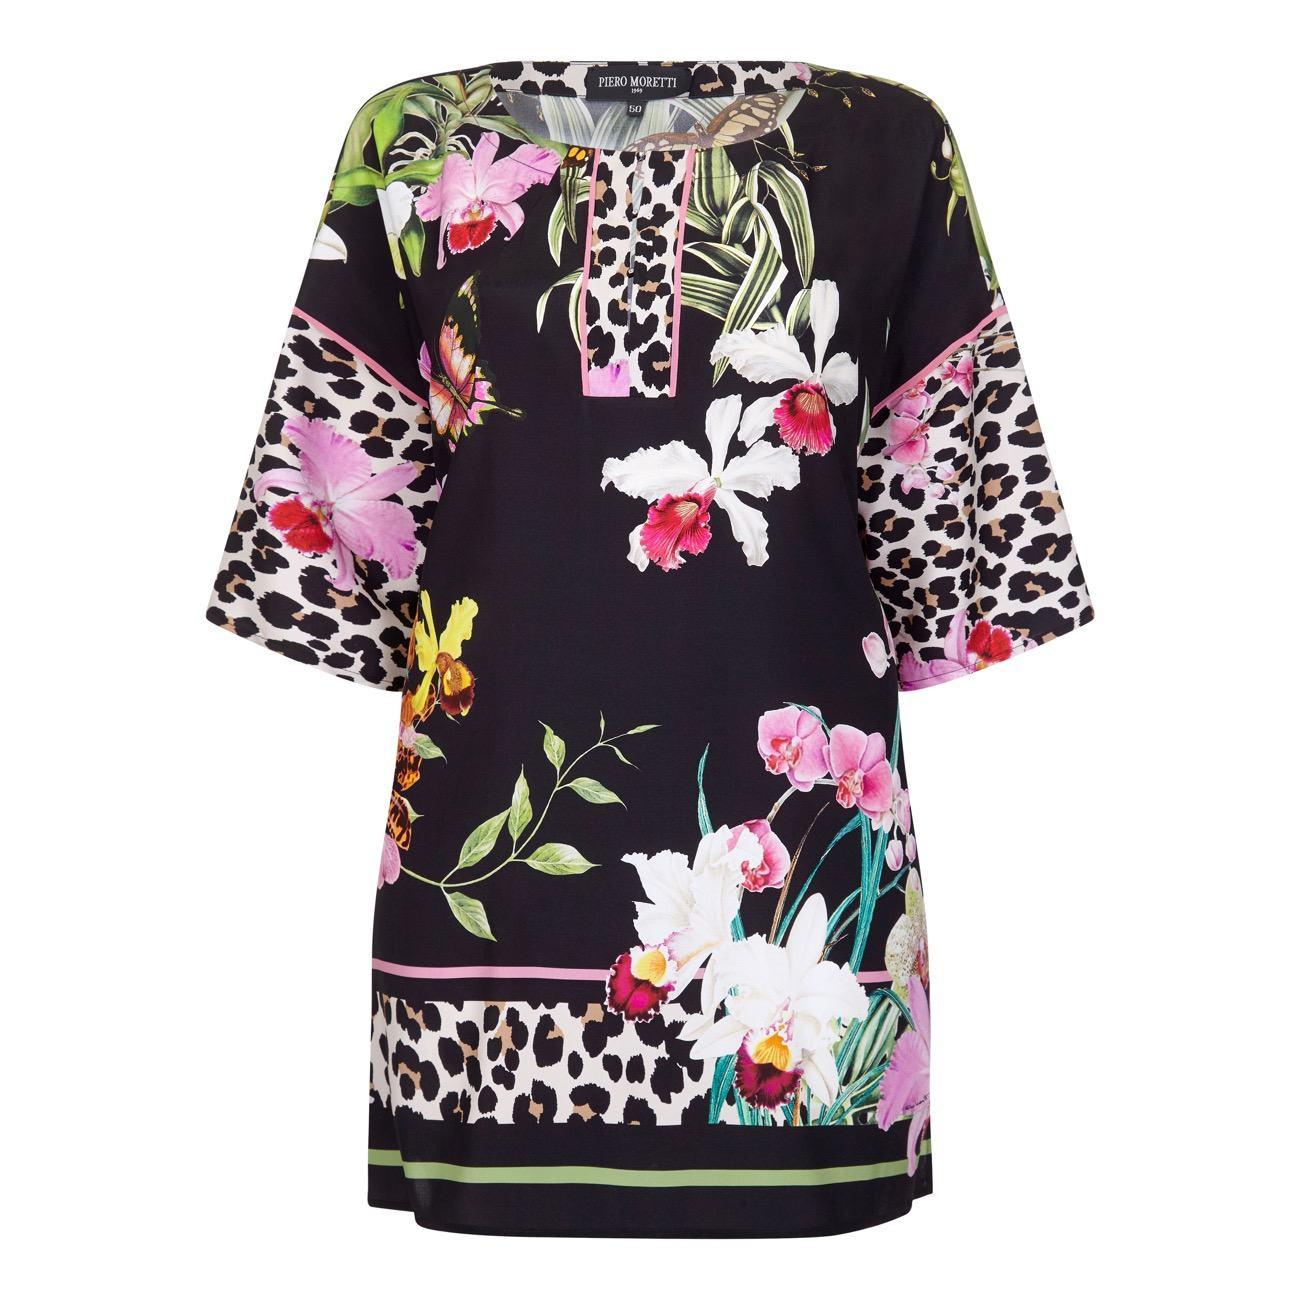 Piero Moretti Silk Blend Floral Tunic